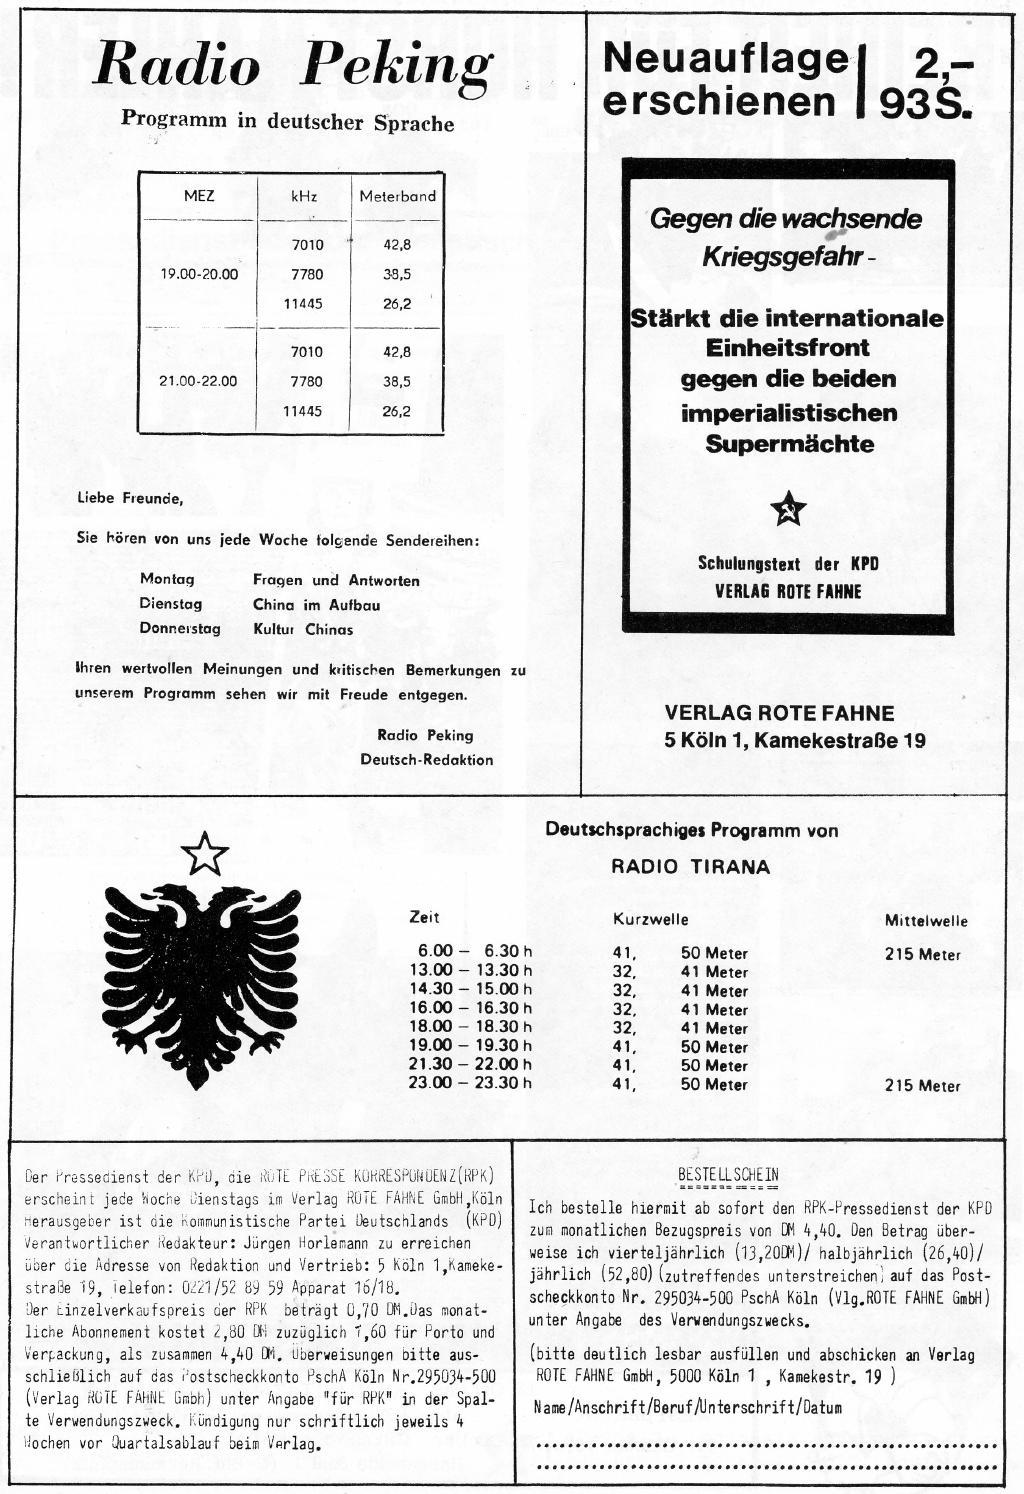 RPK_Pressedienst_1975_43_15